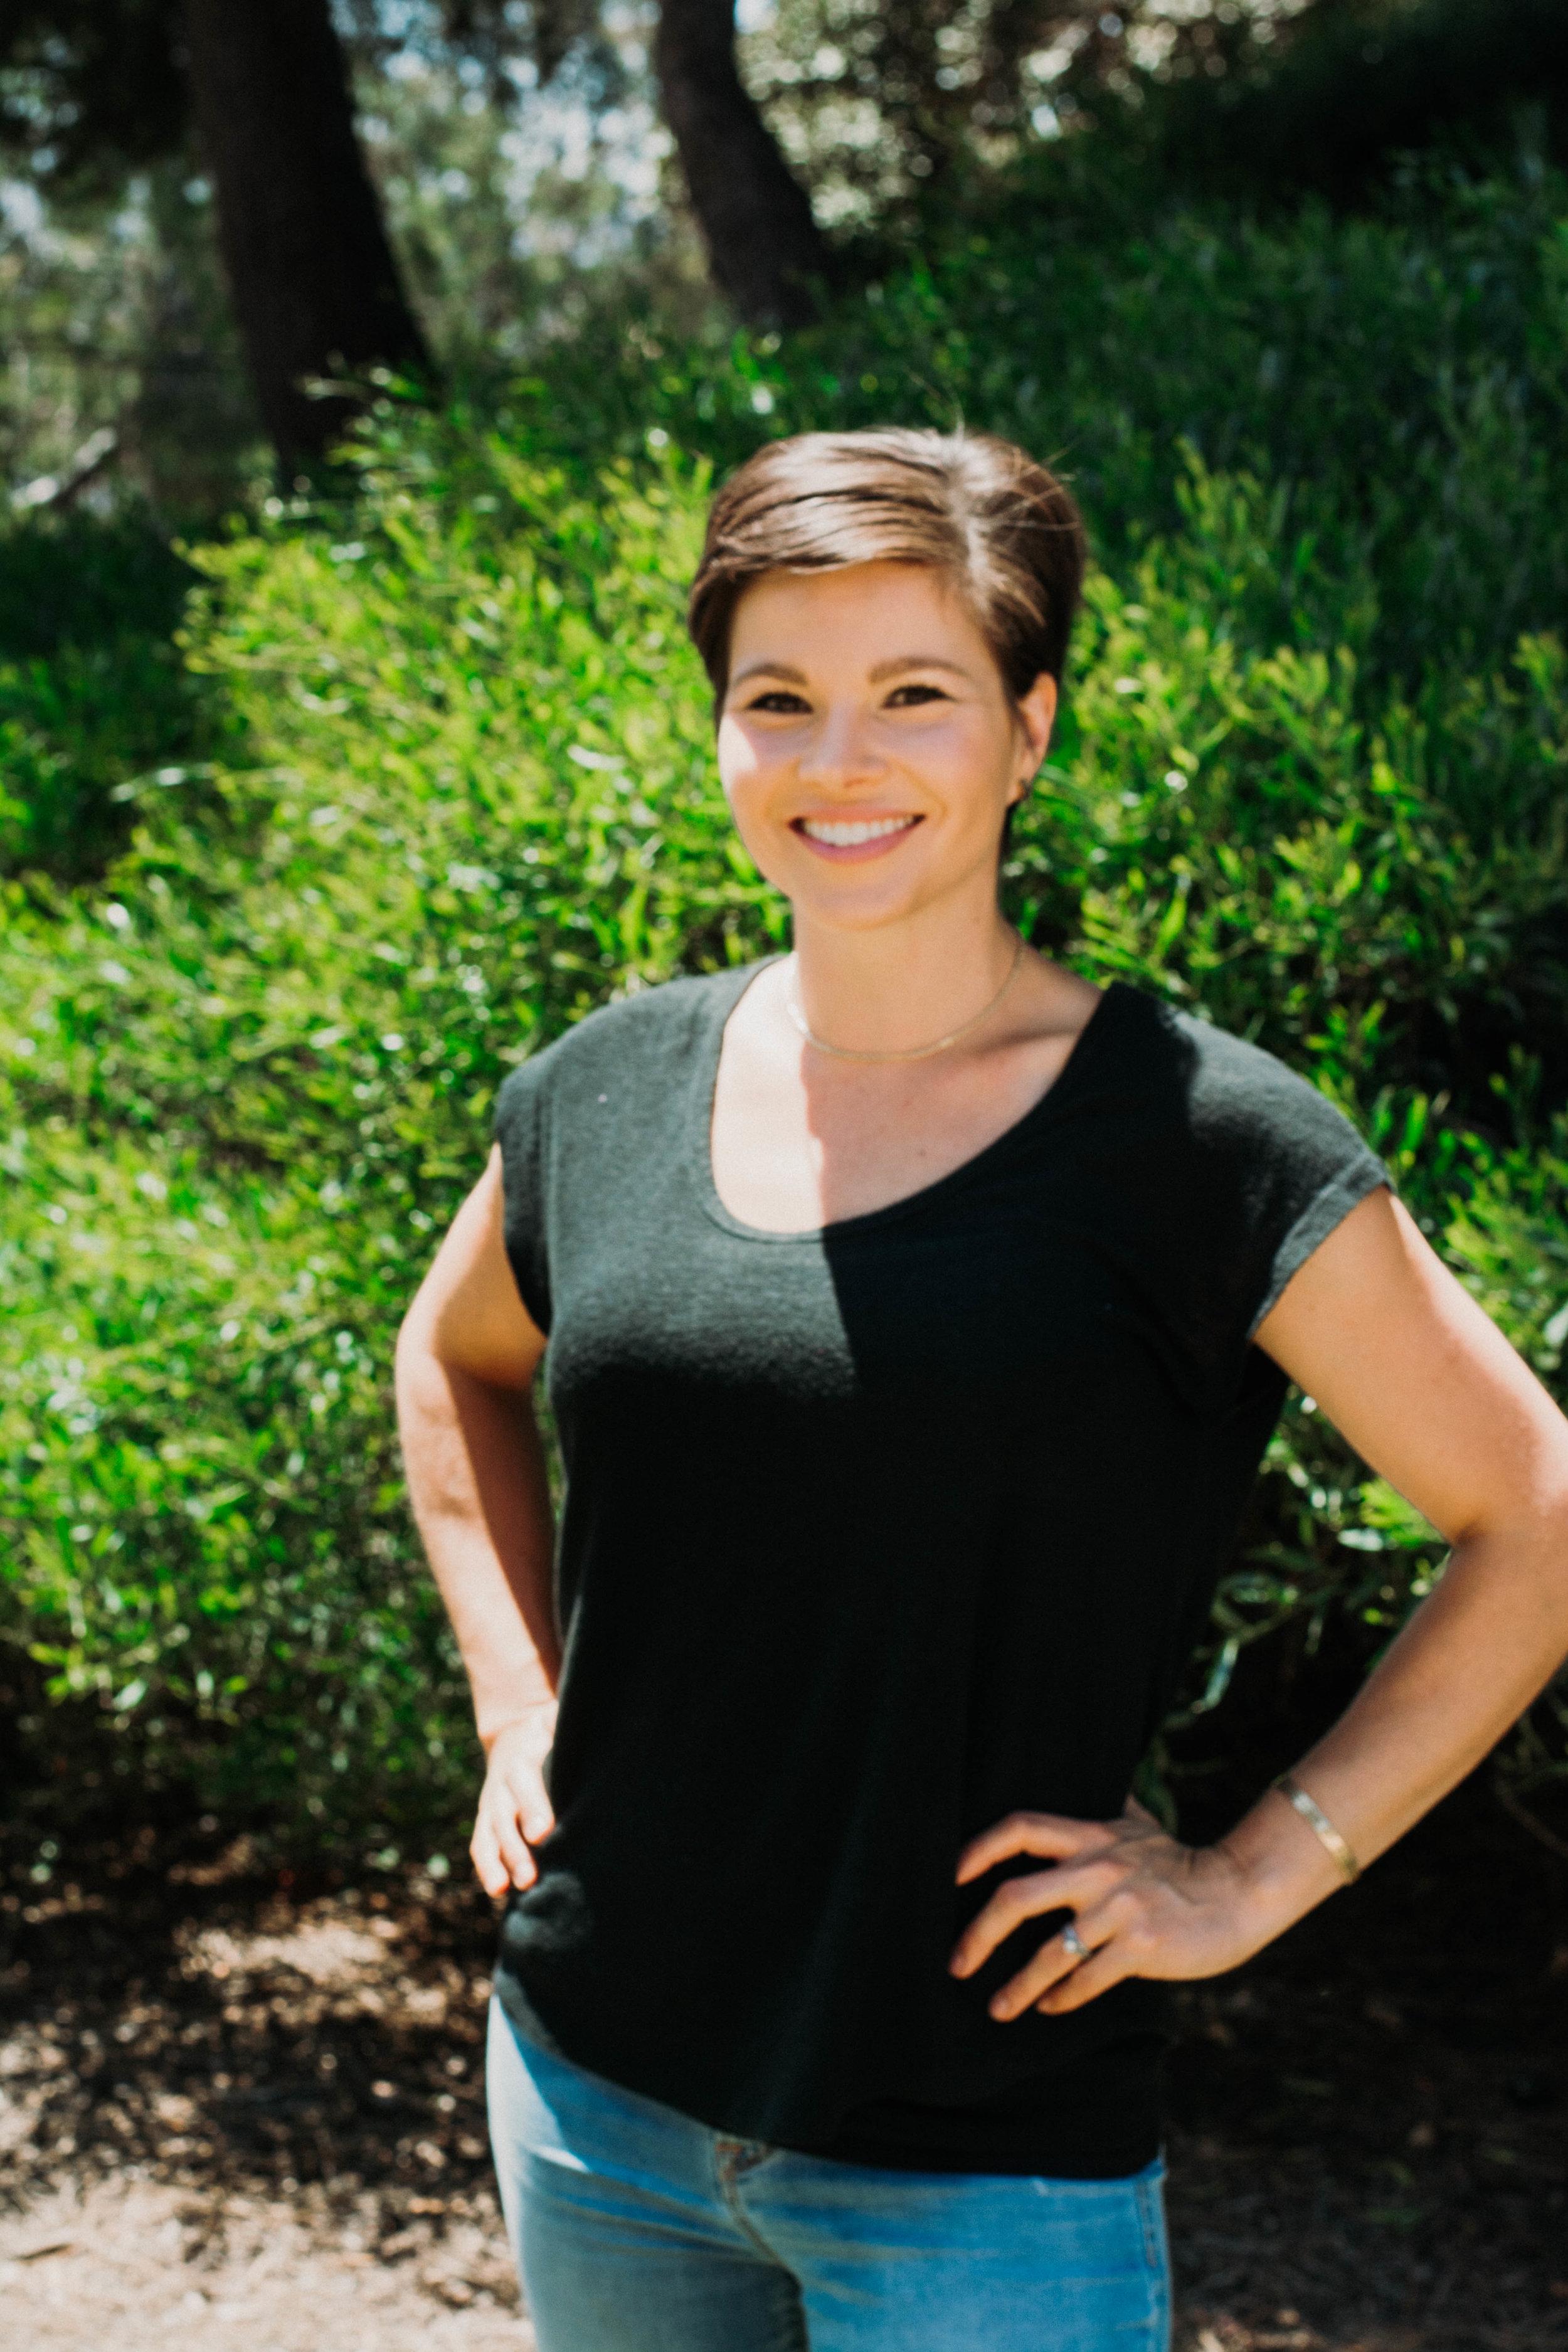 Lauren Feindel - Women's Director Mrsfeindel@gmail.com